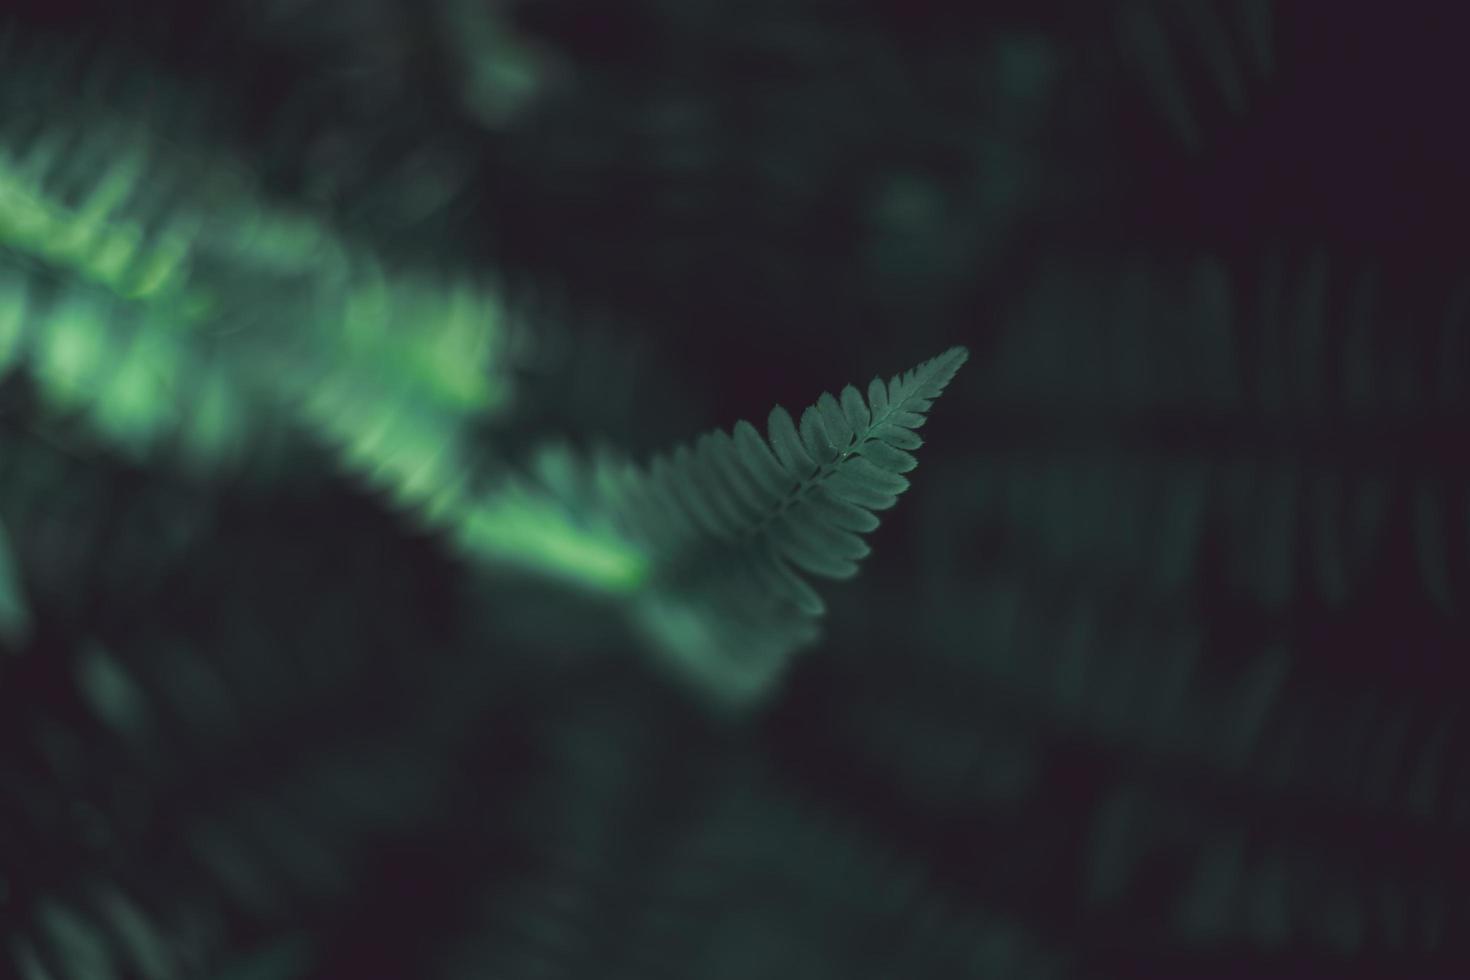 kluster av ormbunkar mot mörk bakgrund foto